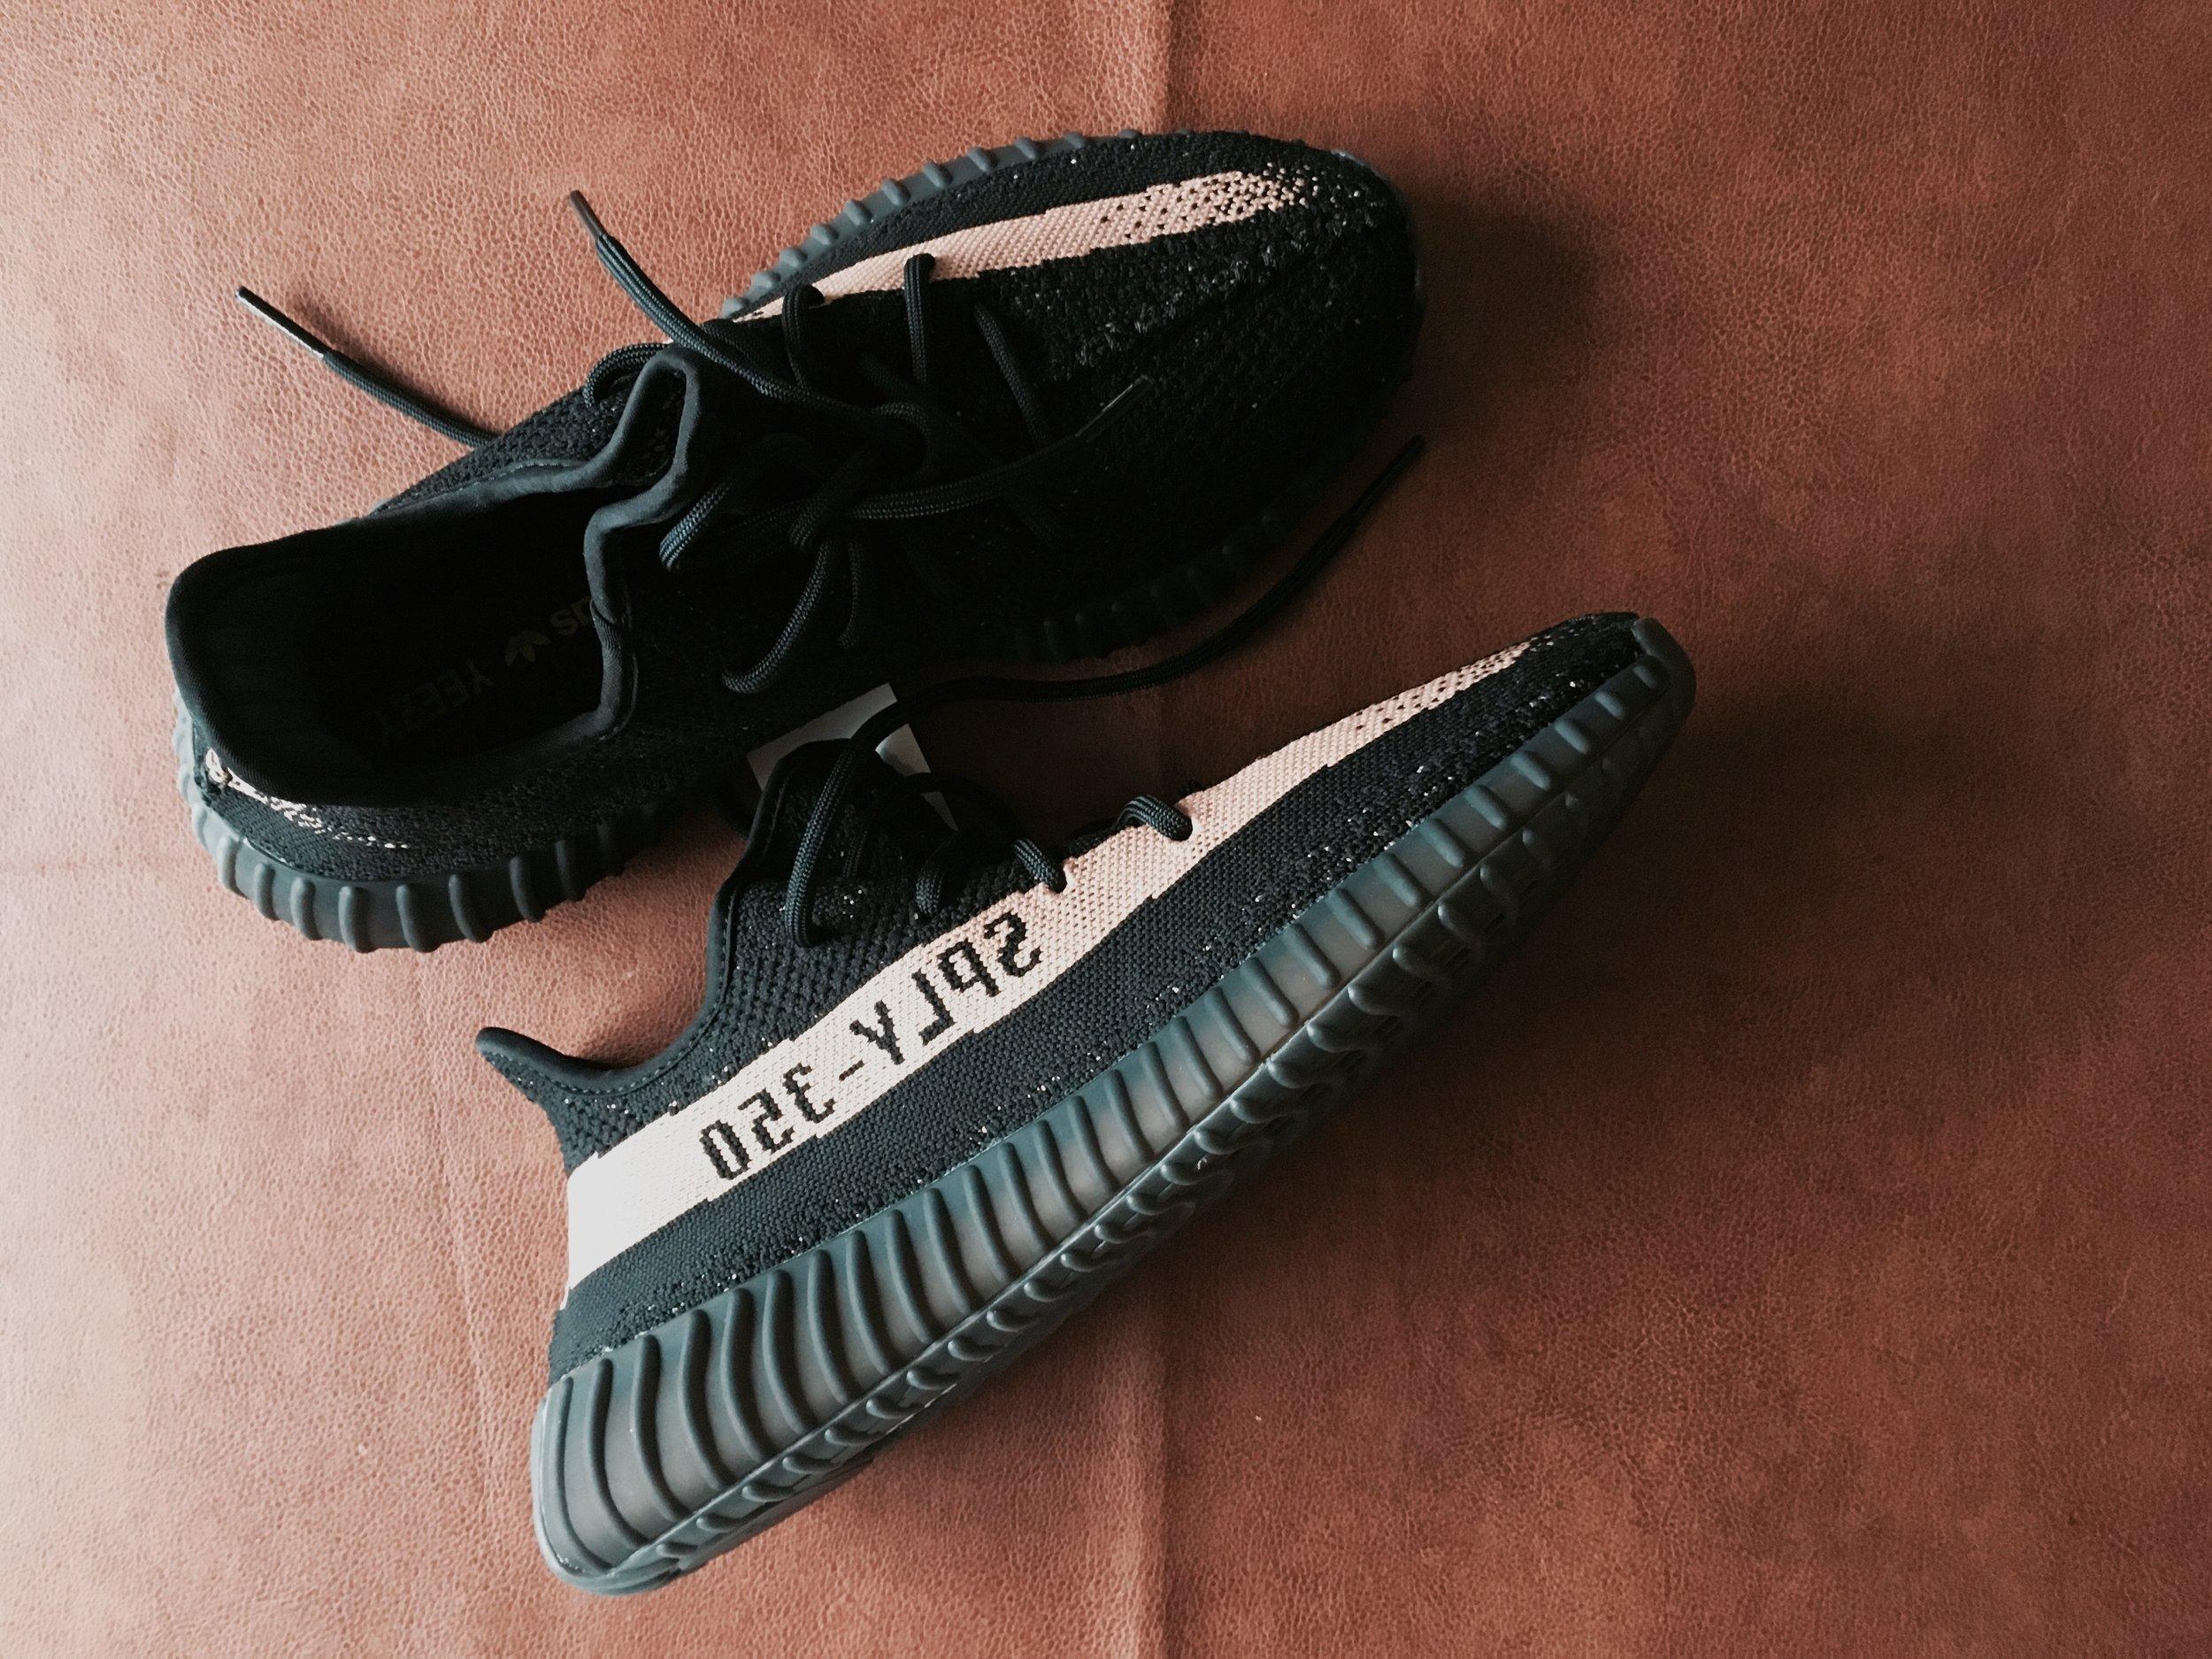 Adidas-Yeezy-V2-CreativeSession-Copper-kanye-west